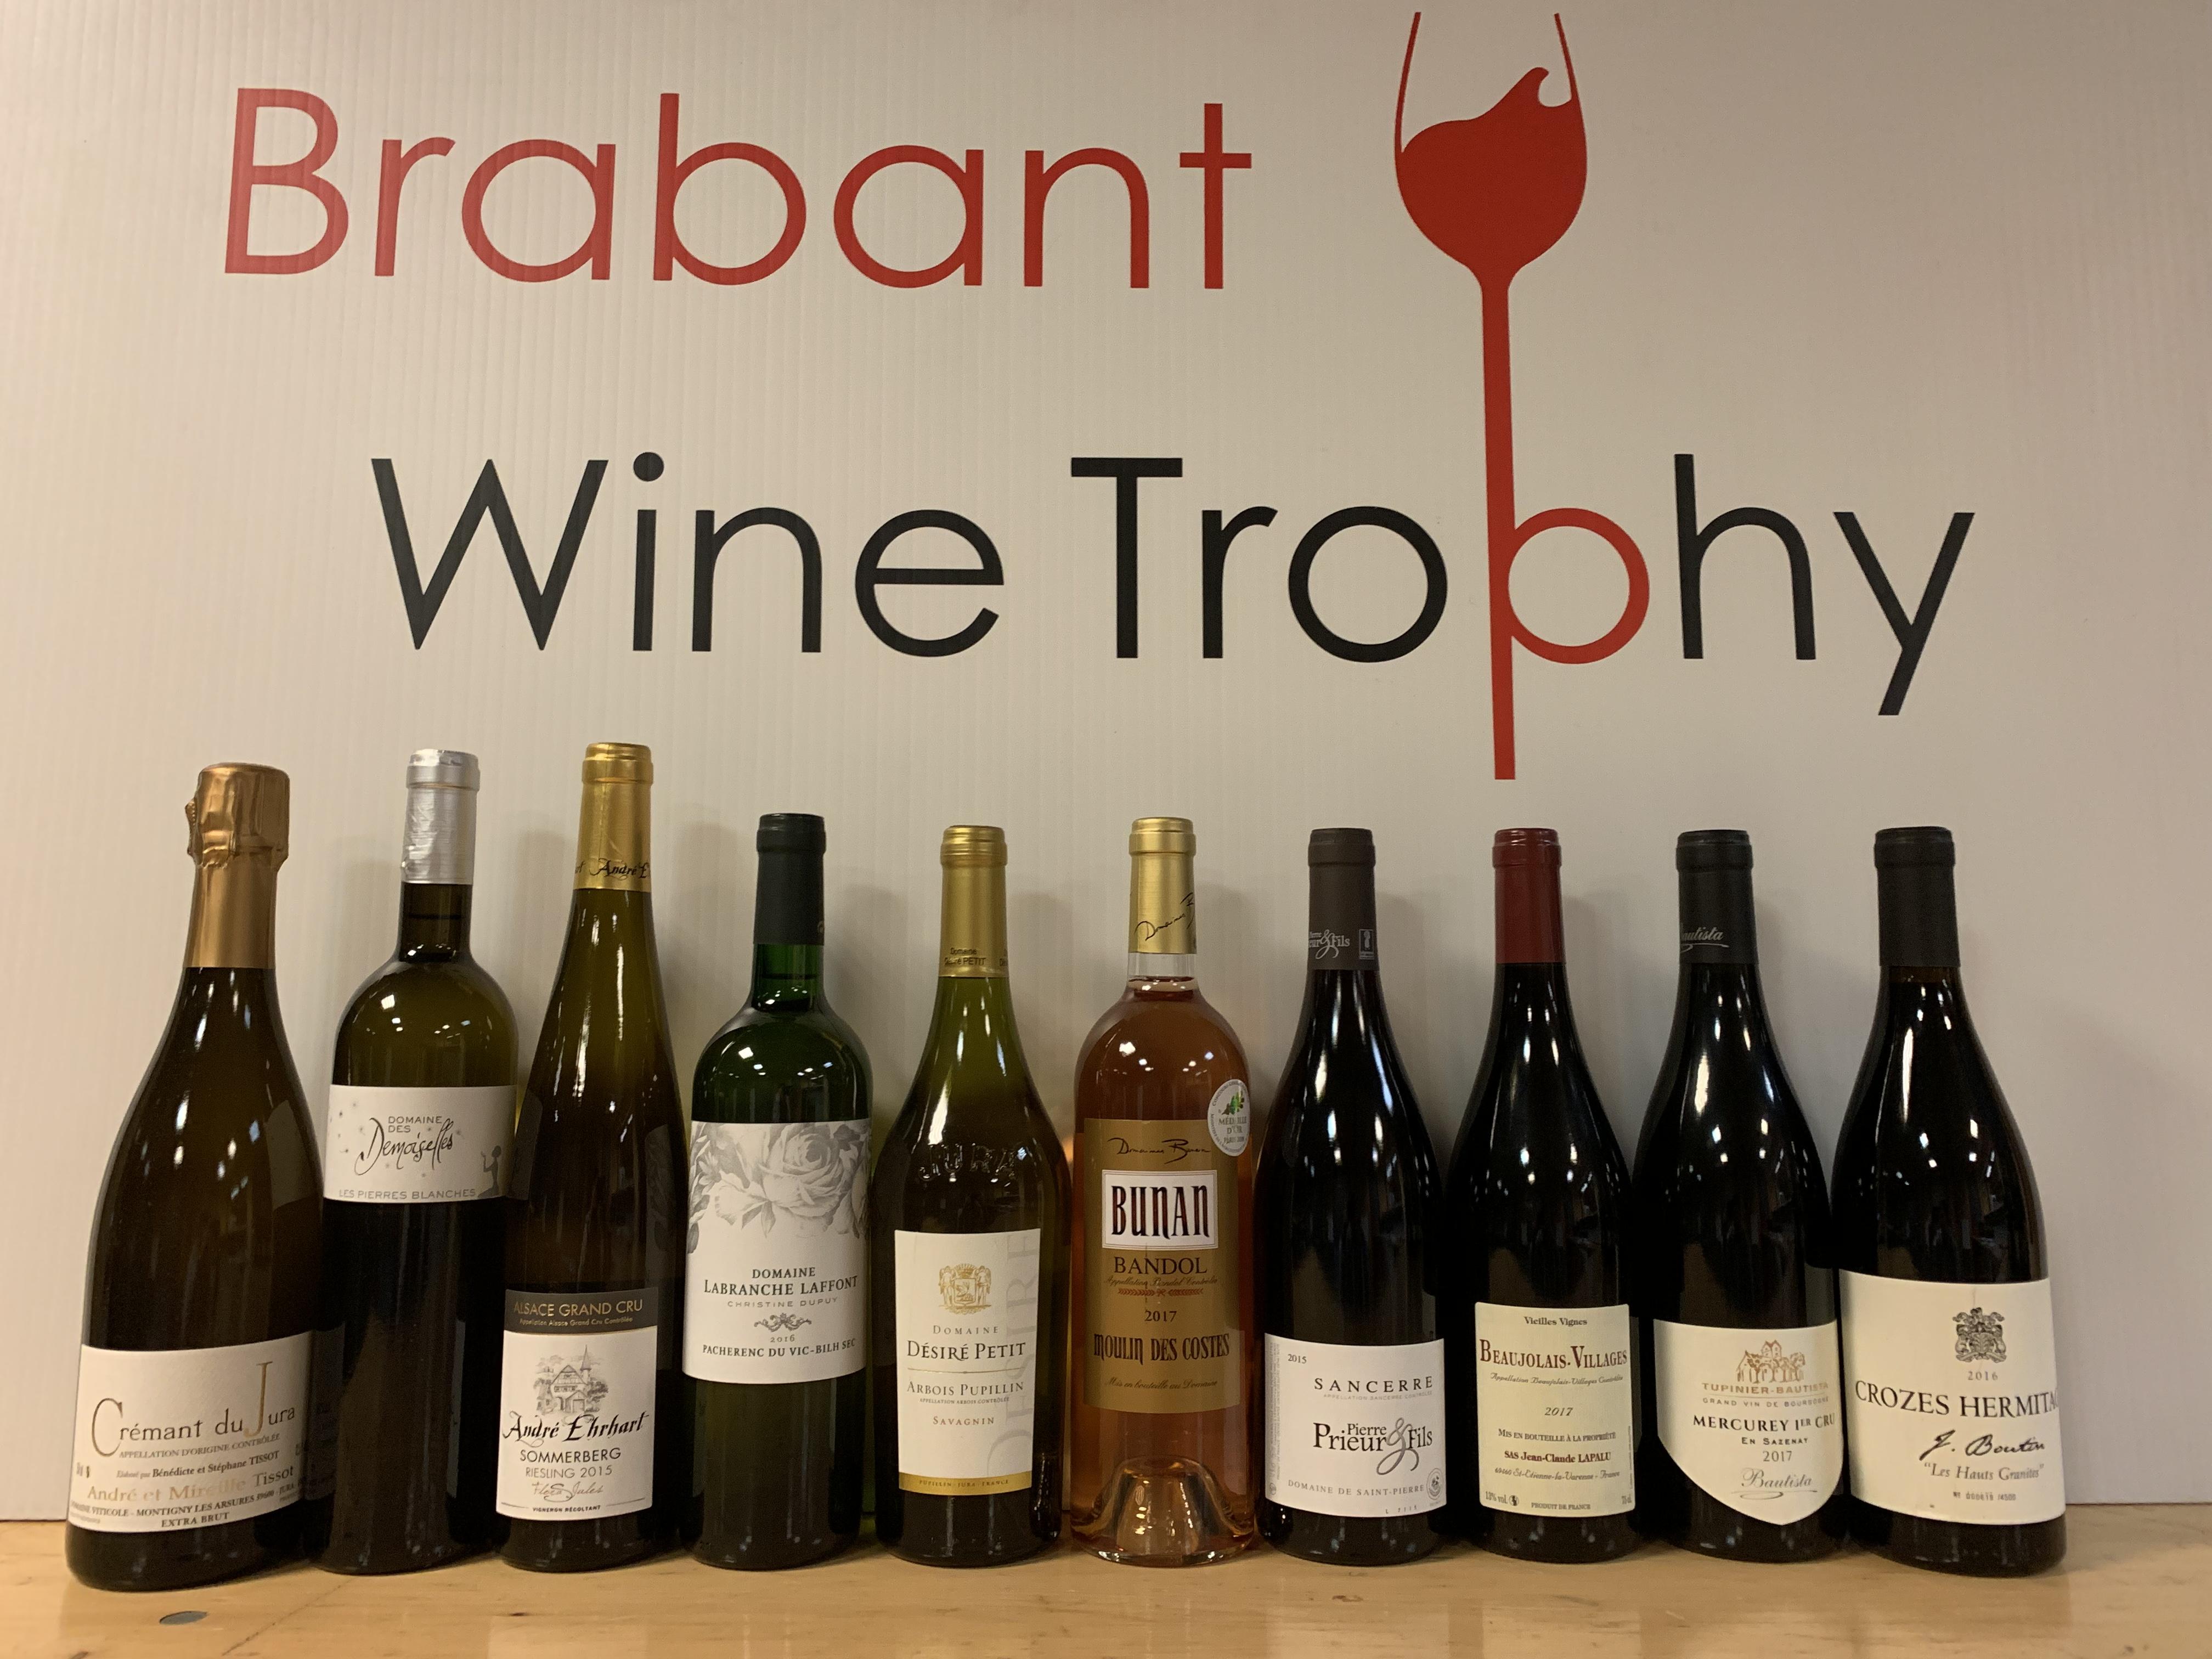 Brabant Wine Trophy: Les 10 Vins Du Brabant Wine Trophy 2019